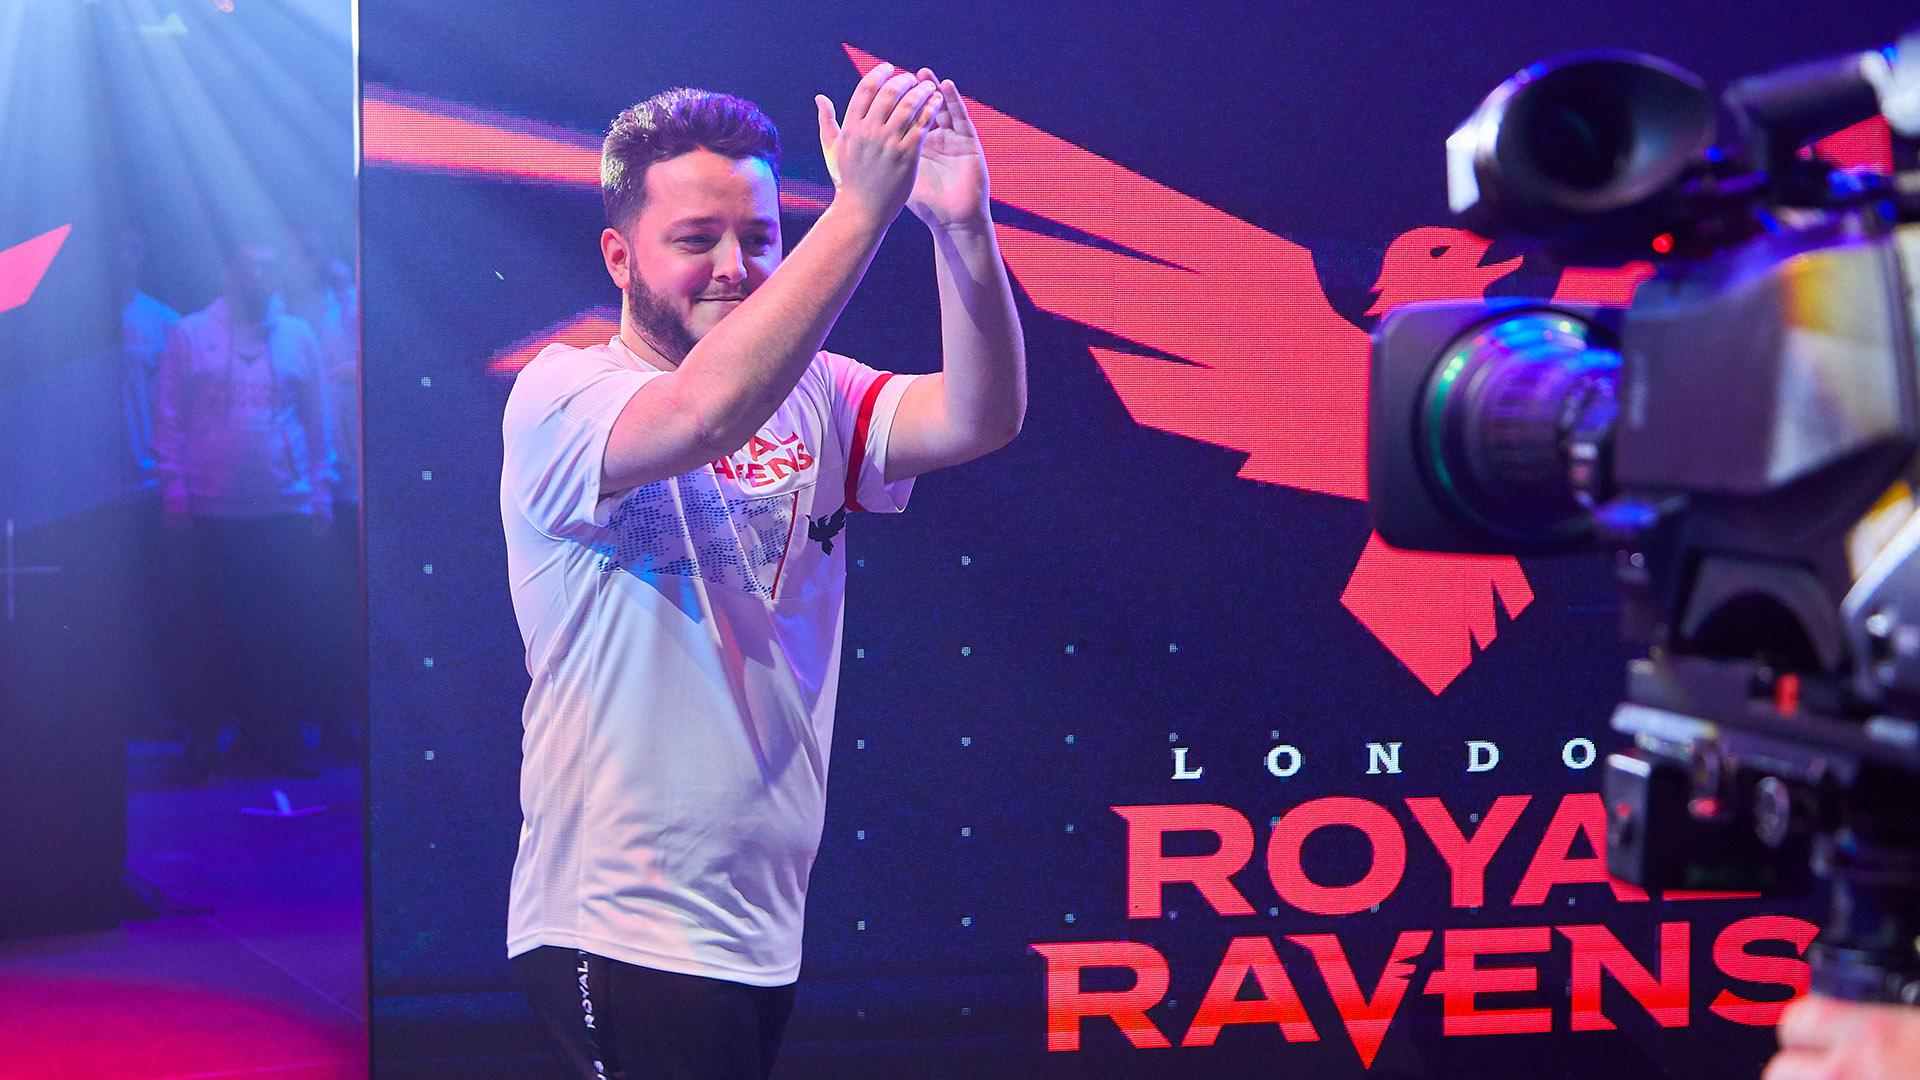 Skrapz CDL London Royal Ravens